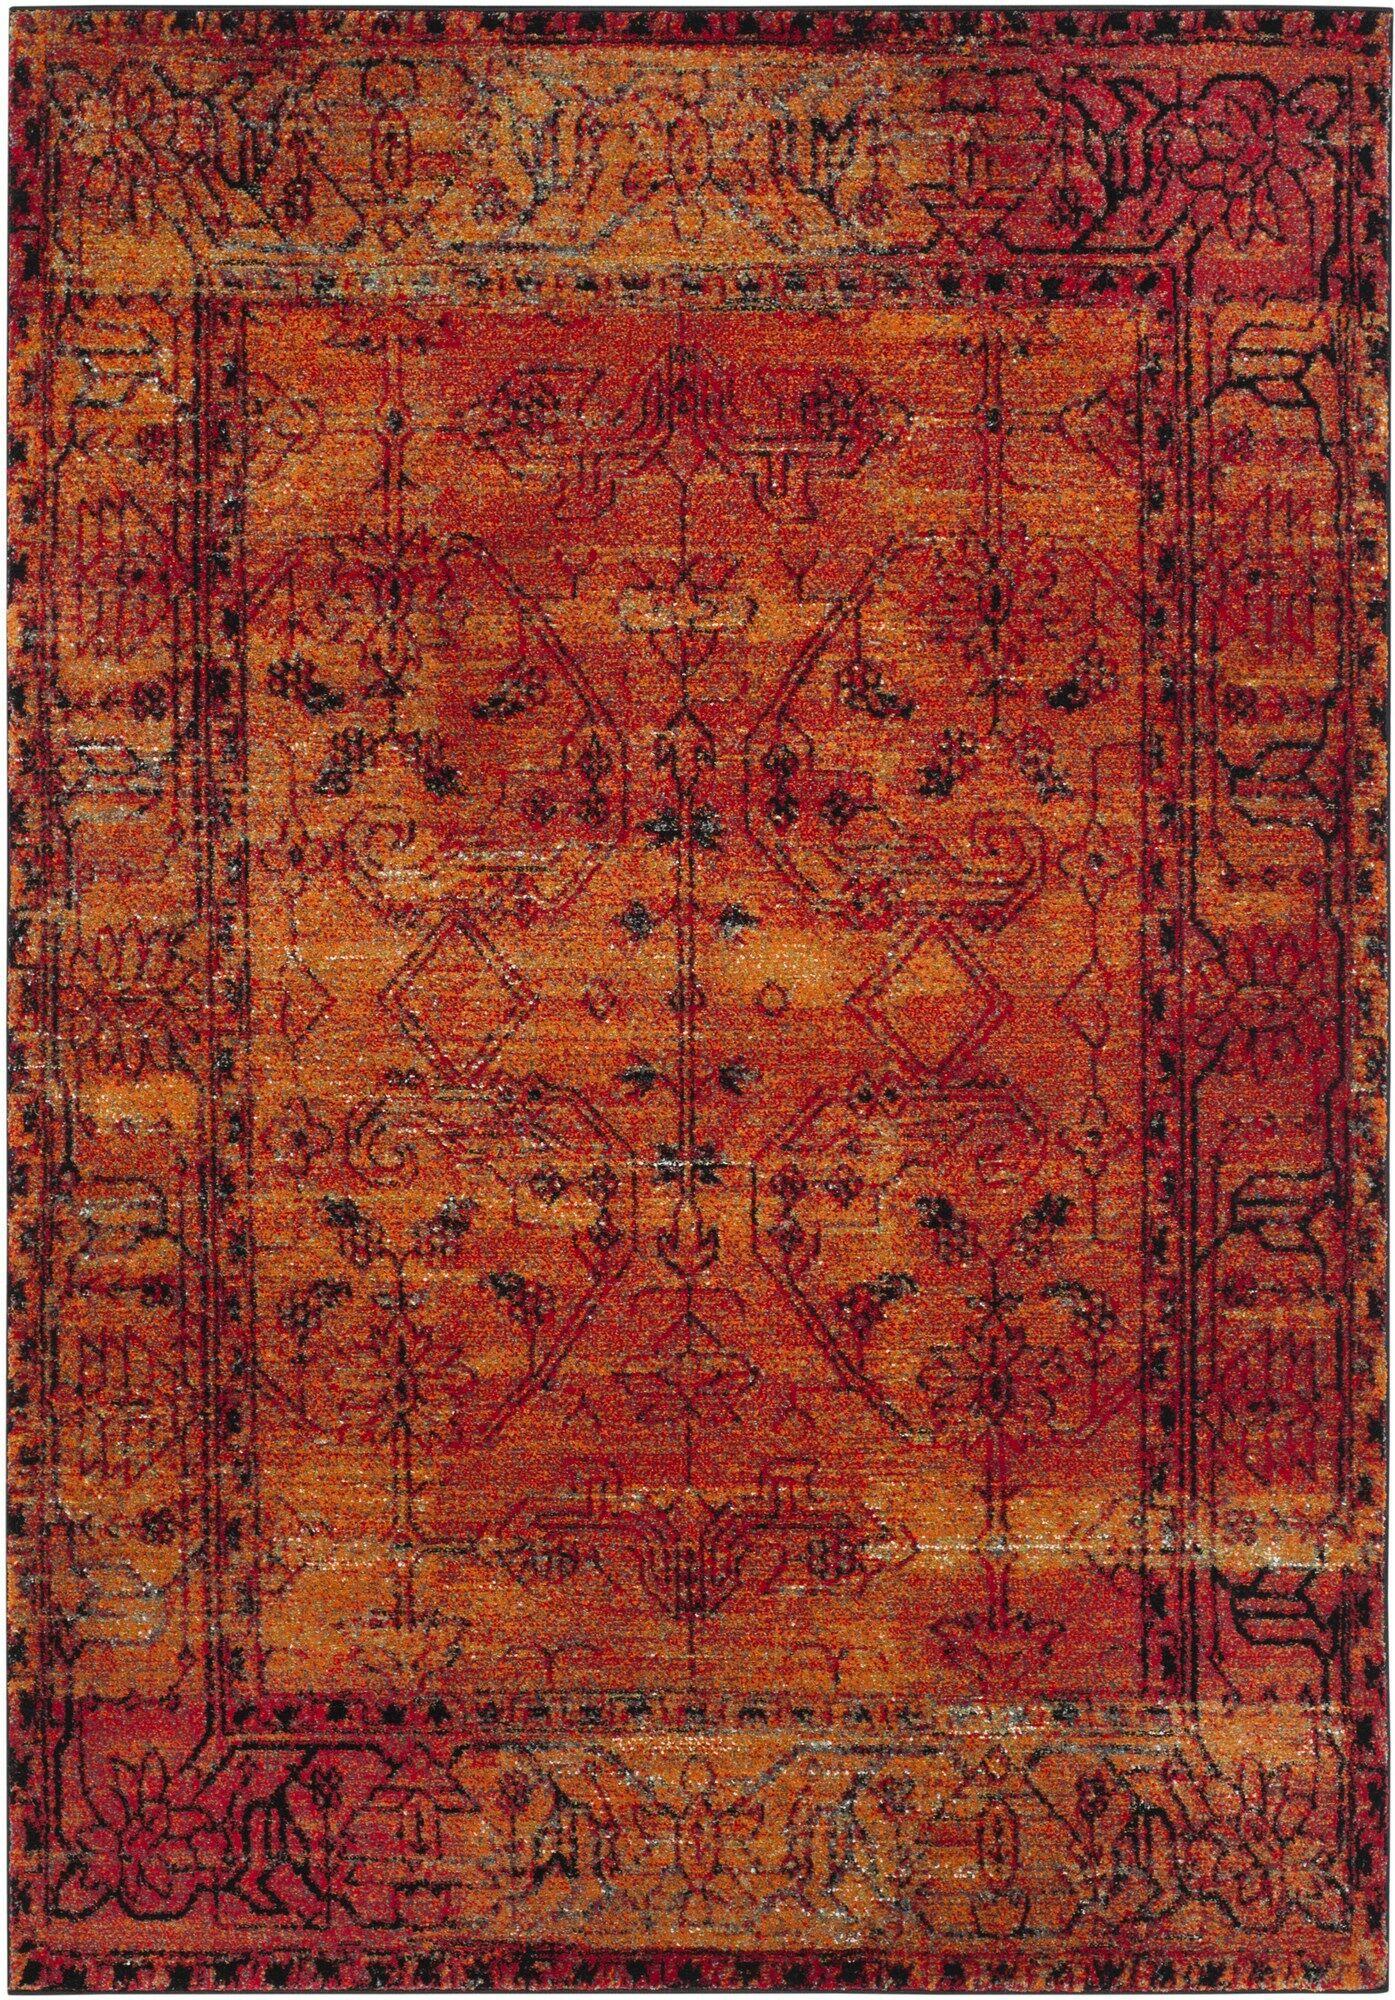 Valenzuela Orange Area Rug Rug Size: Rectangle 4' x 6'